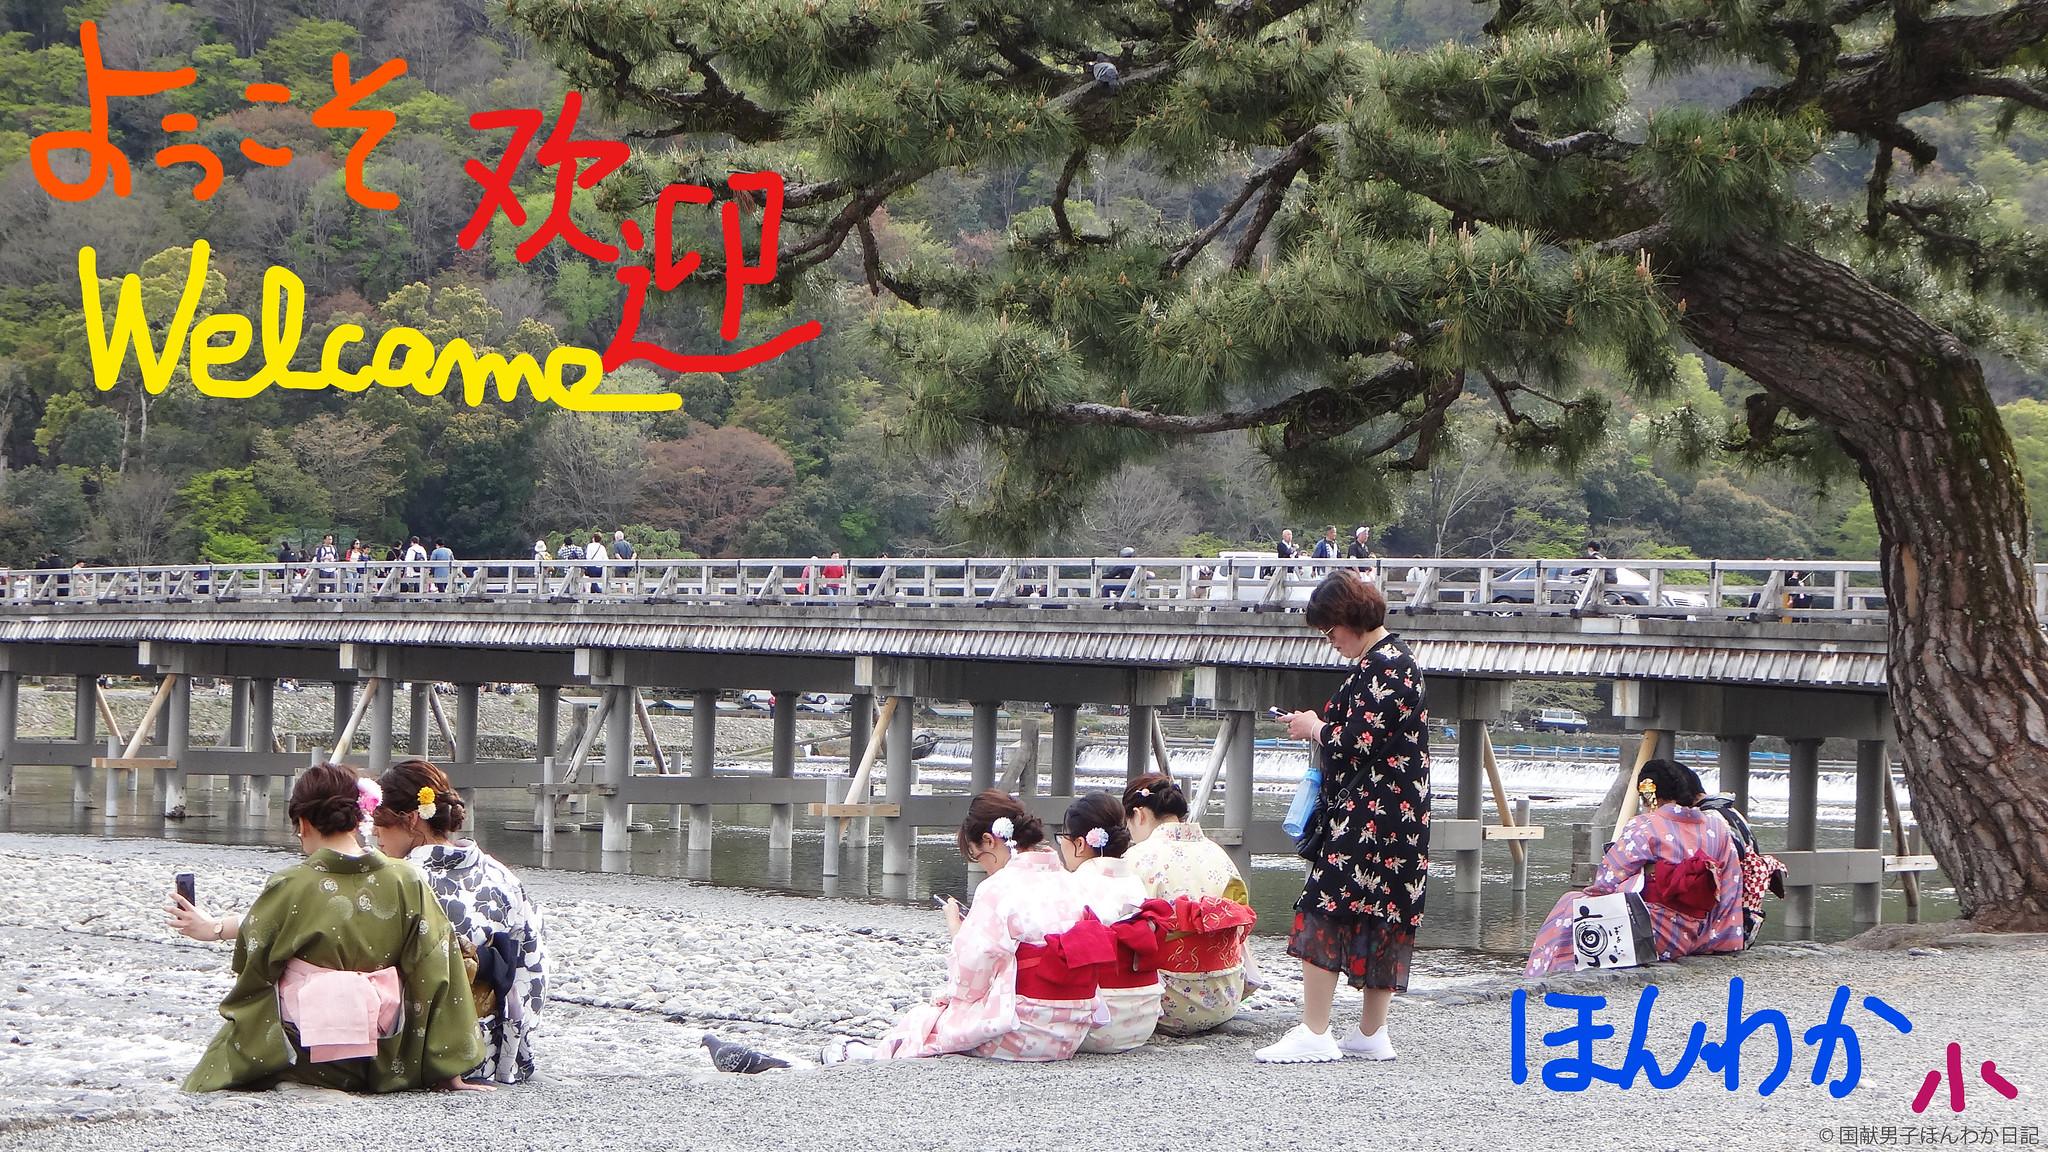 小僧楽書:背景は京都渡月橋、貸衣装屋さんも大変(撮影:筆者)